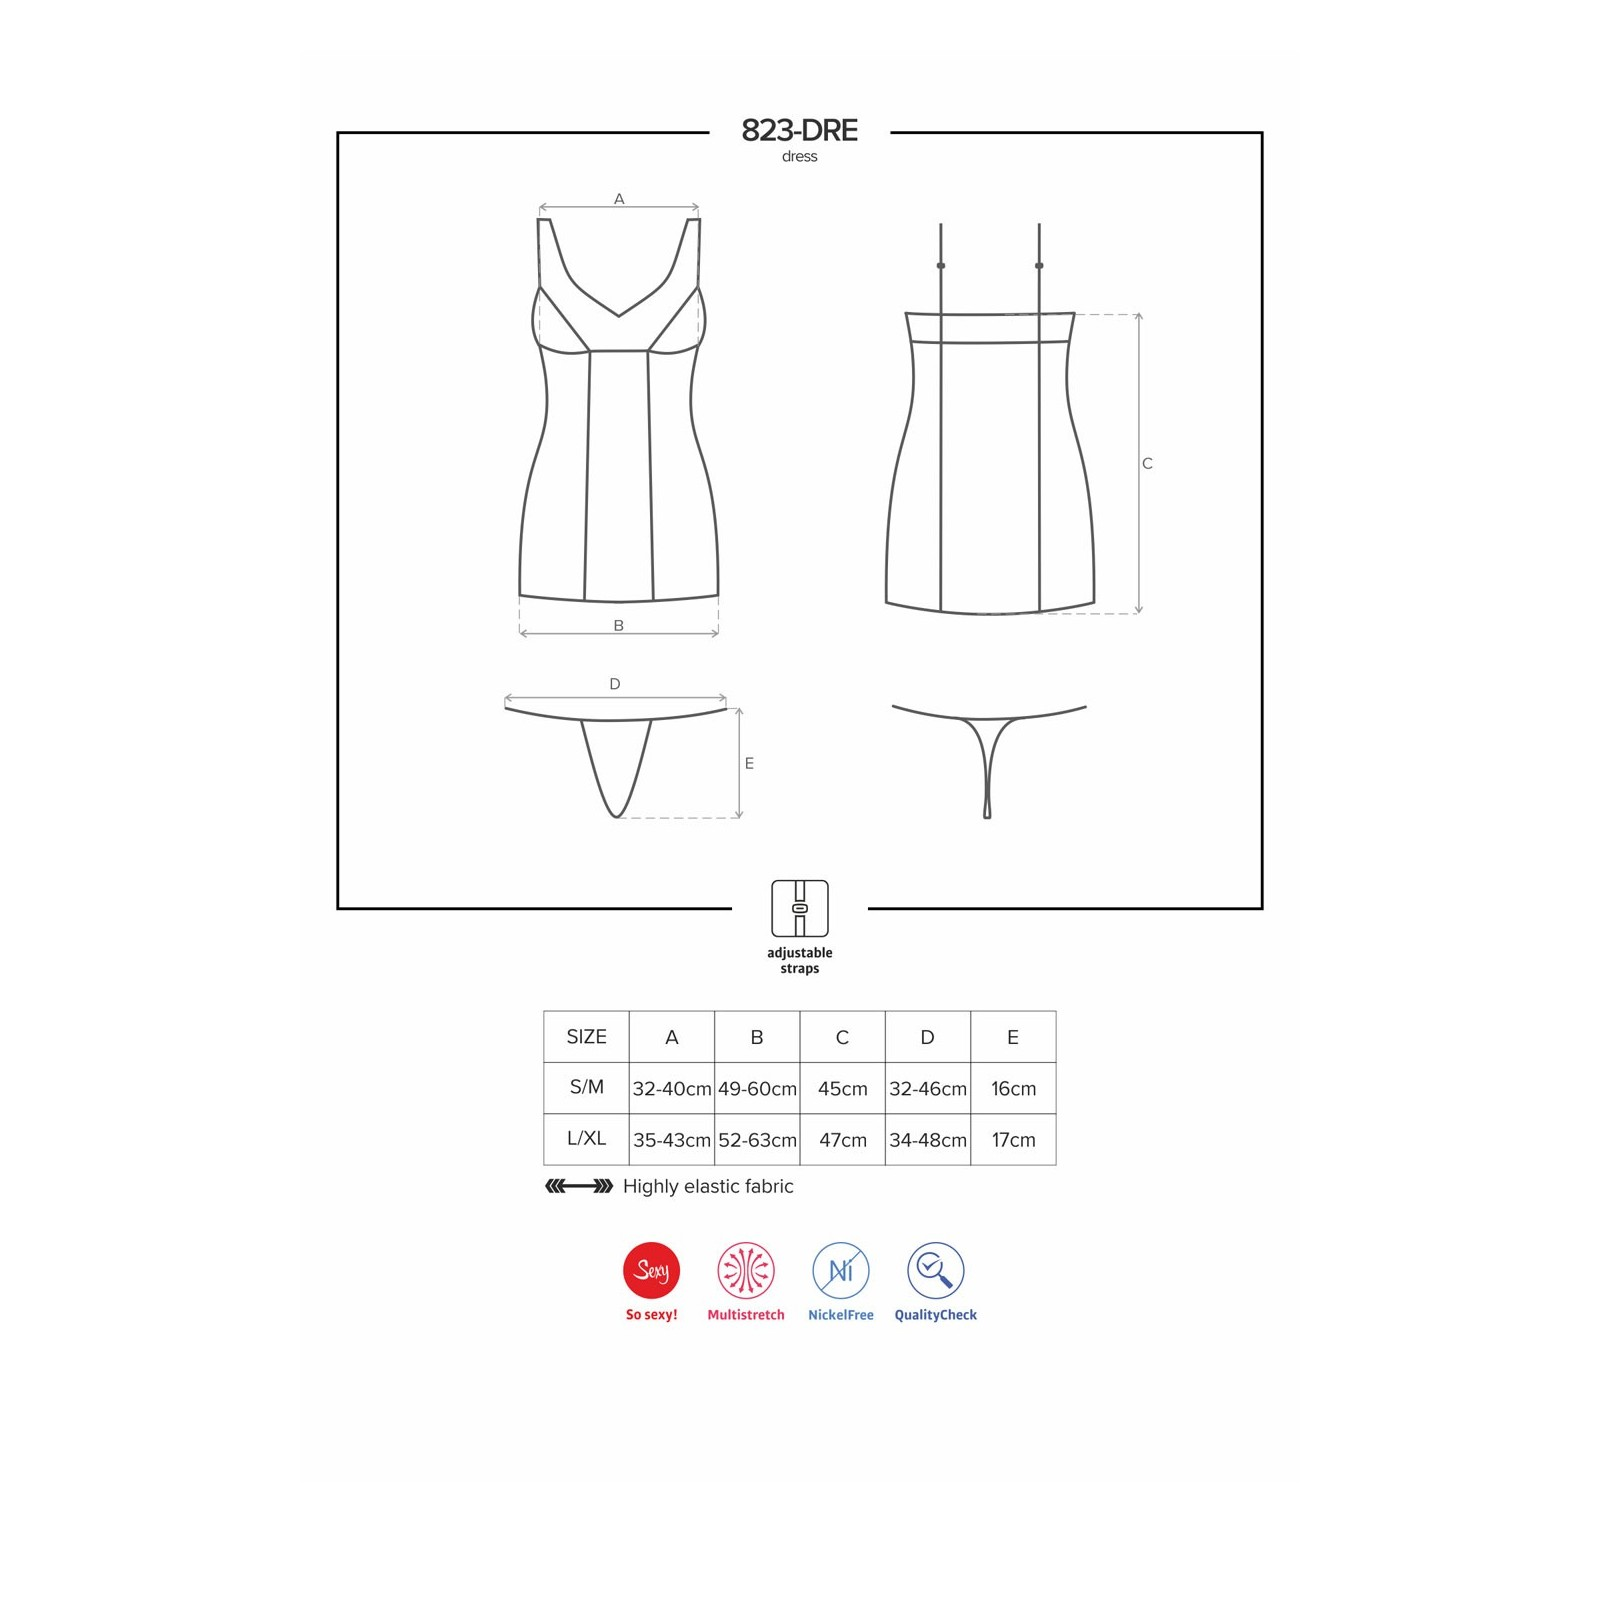 823-DRE-1 Dress schwarz - 7 - Vorschaubild